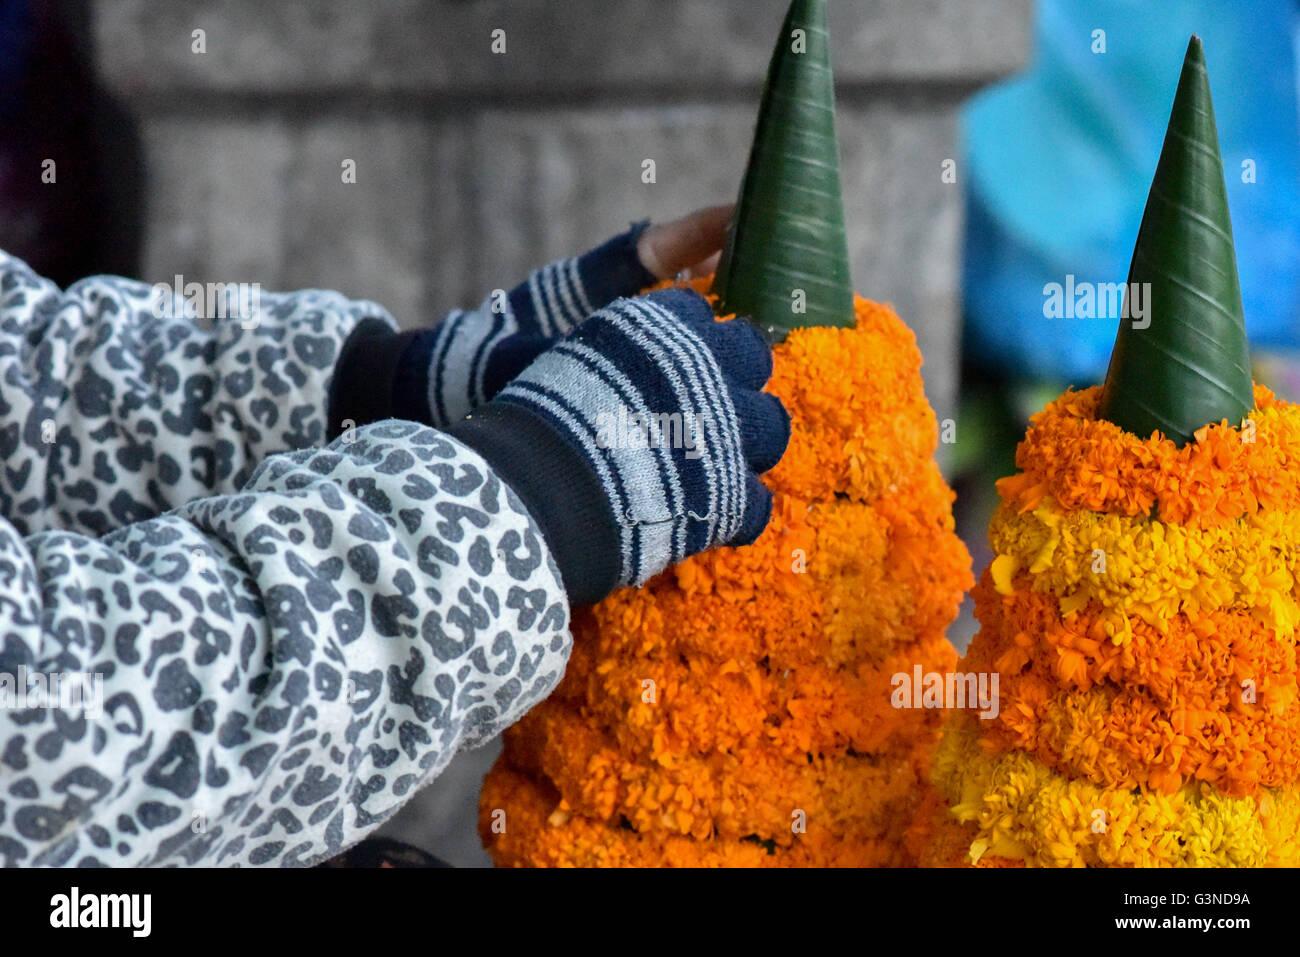 """""""Banana-leaf tower"""" (Kong a) realizzato con fiori arancione tipicamente usato per i riti e cerimonie in Immagini Stock"""